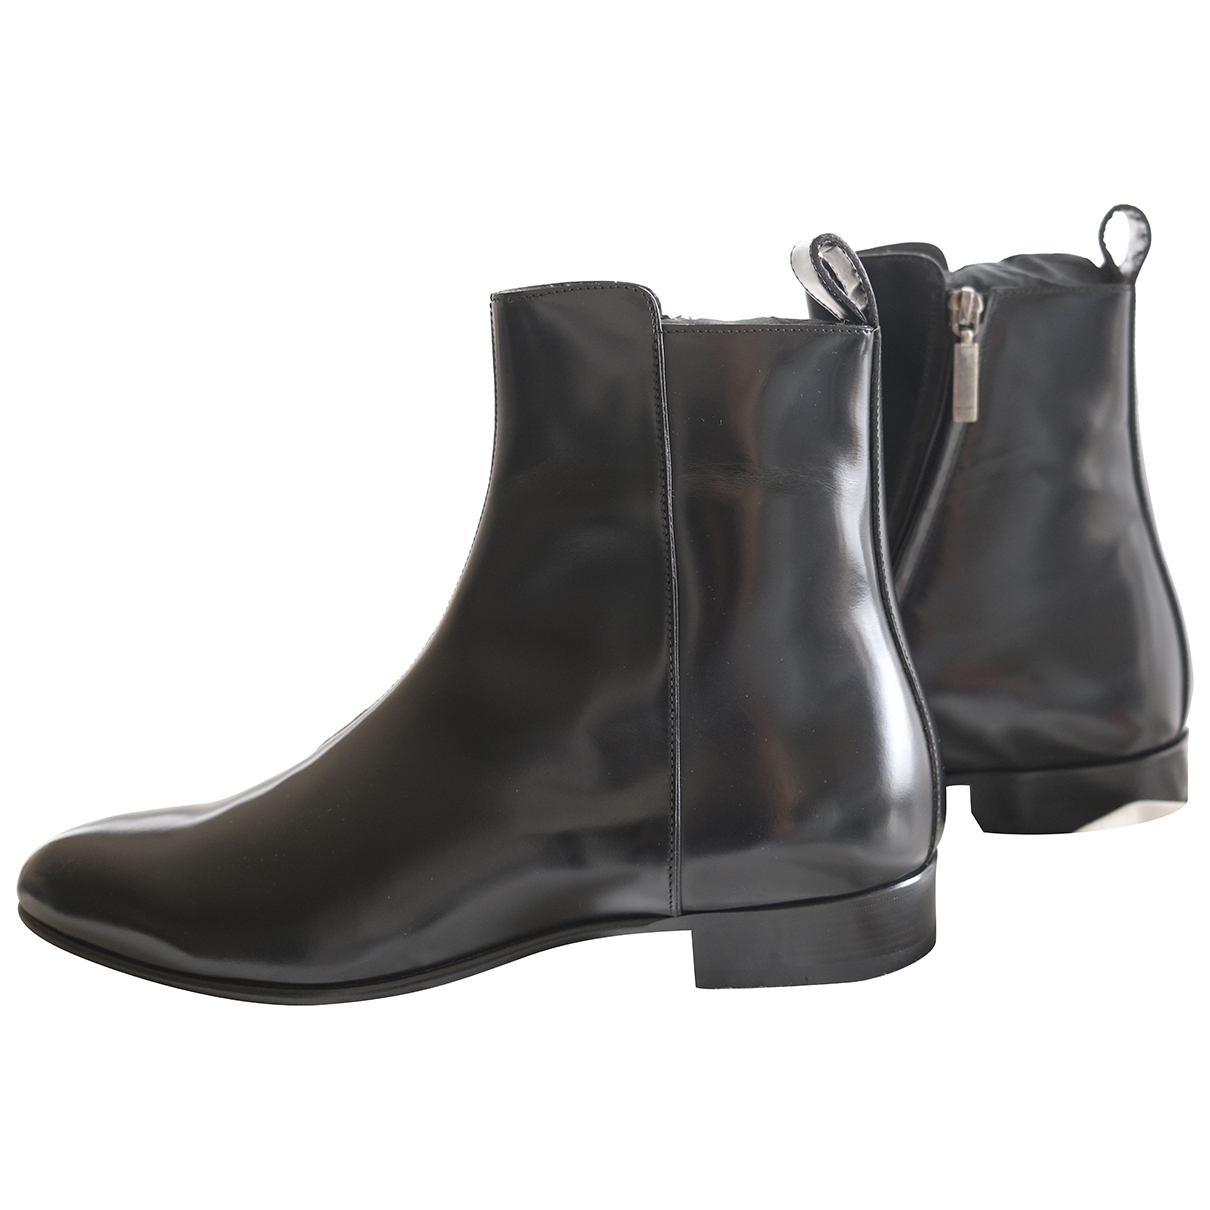 Saint Laurent - Bottes.Boots Finn pour homme en cuir verni - noir